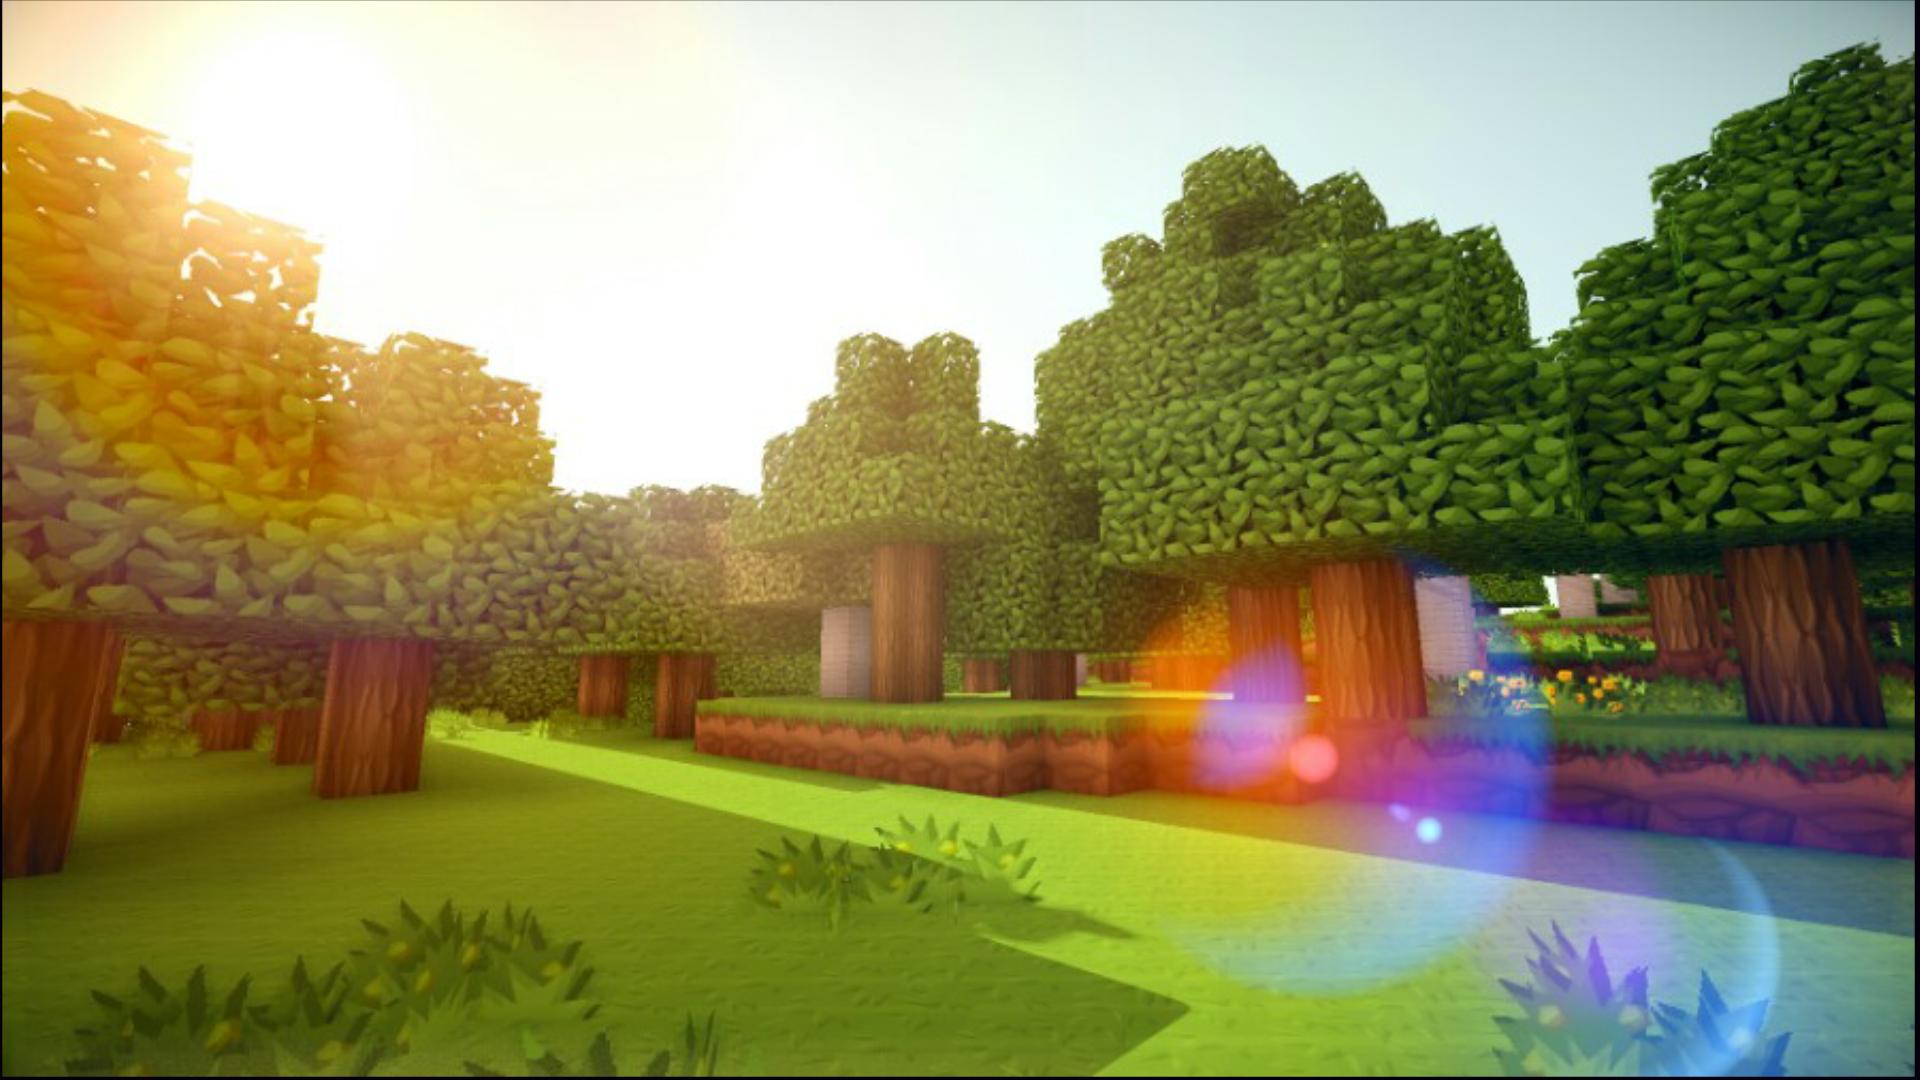 Wallpaper Minecraft Mojang 1920x1080 Ramdom56 1393859